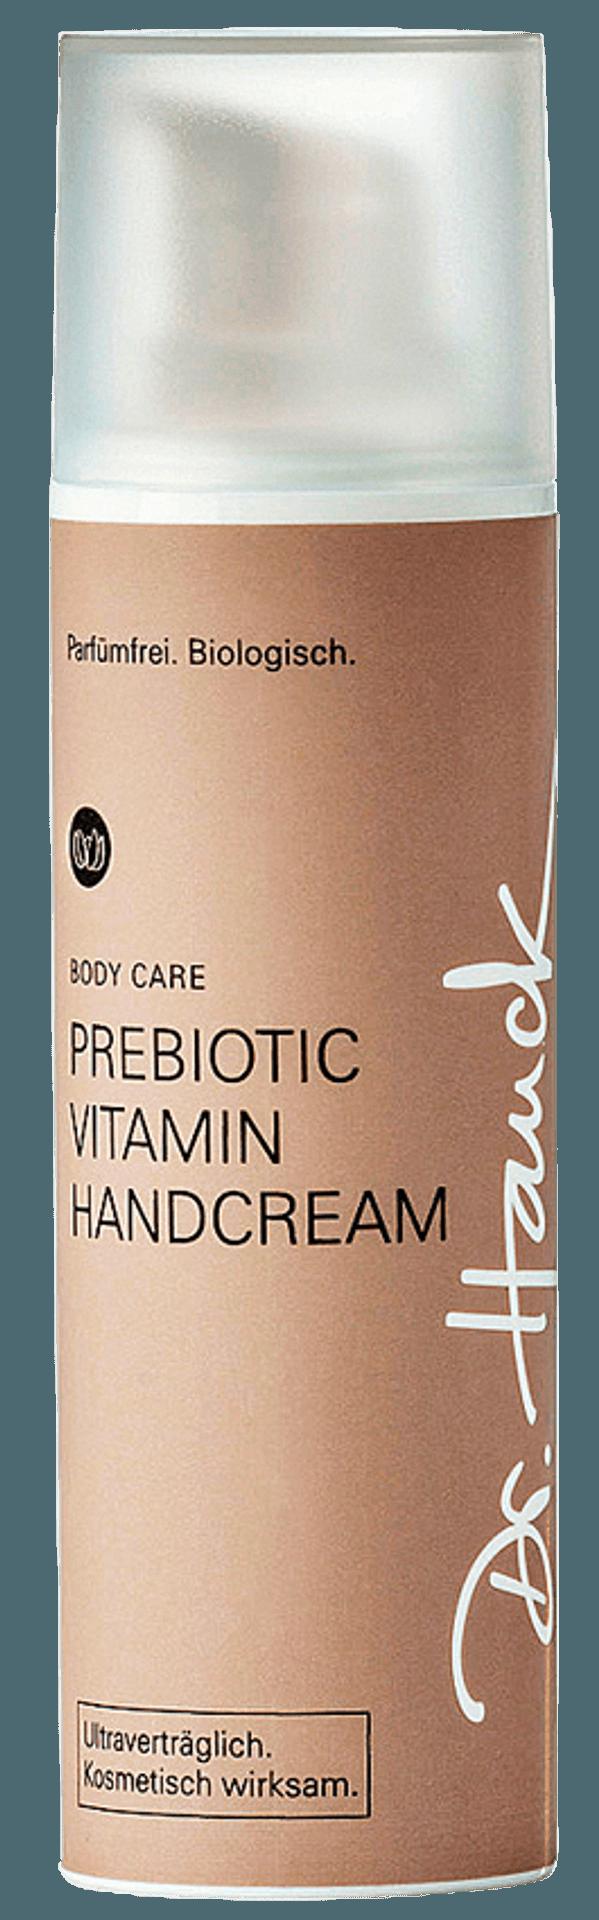 Prebiotic Vitamin Handcream